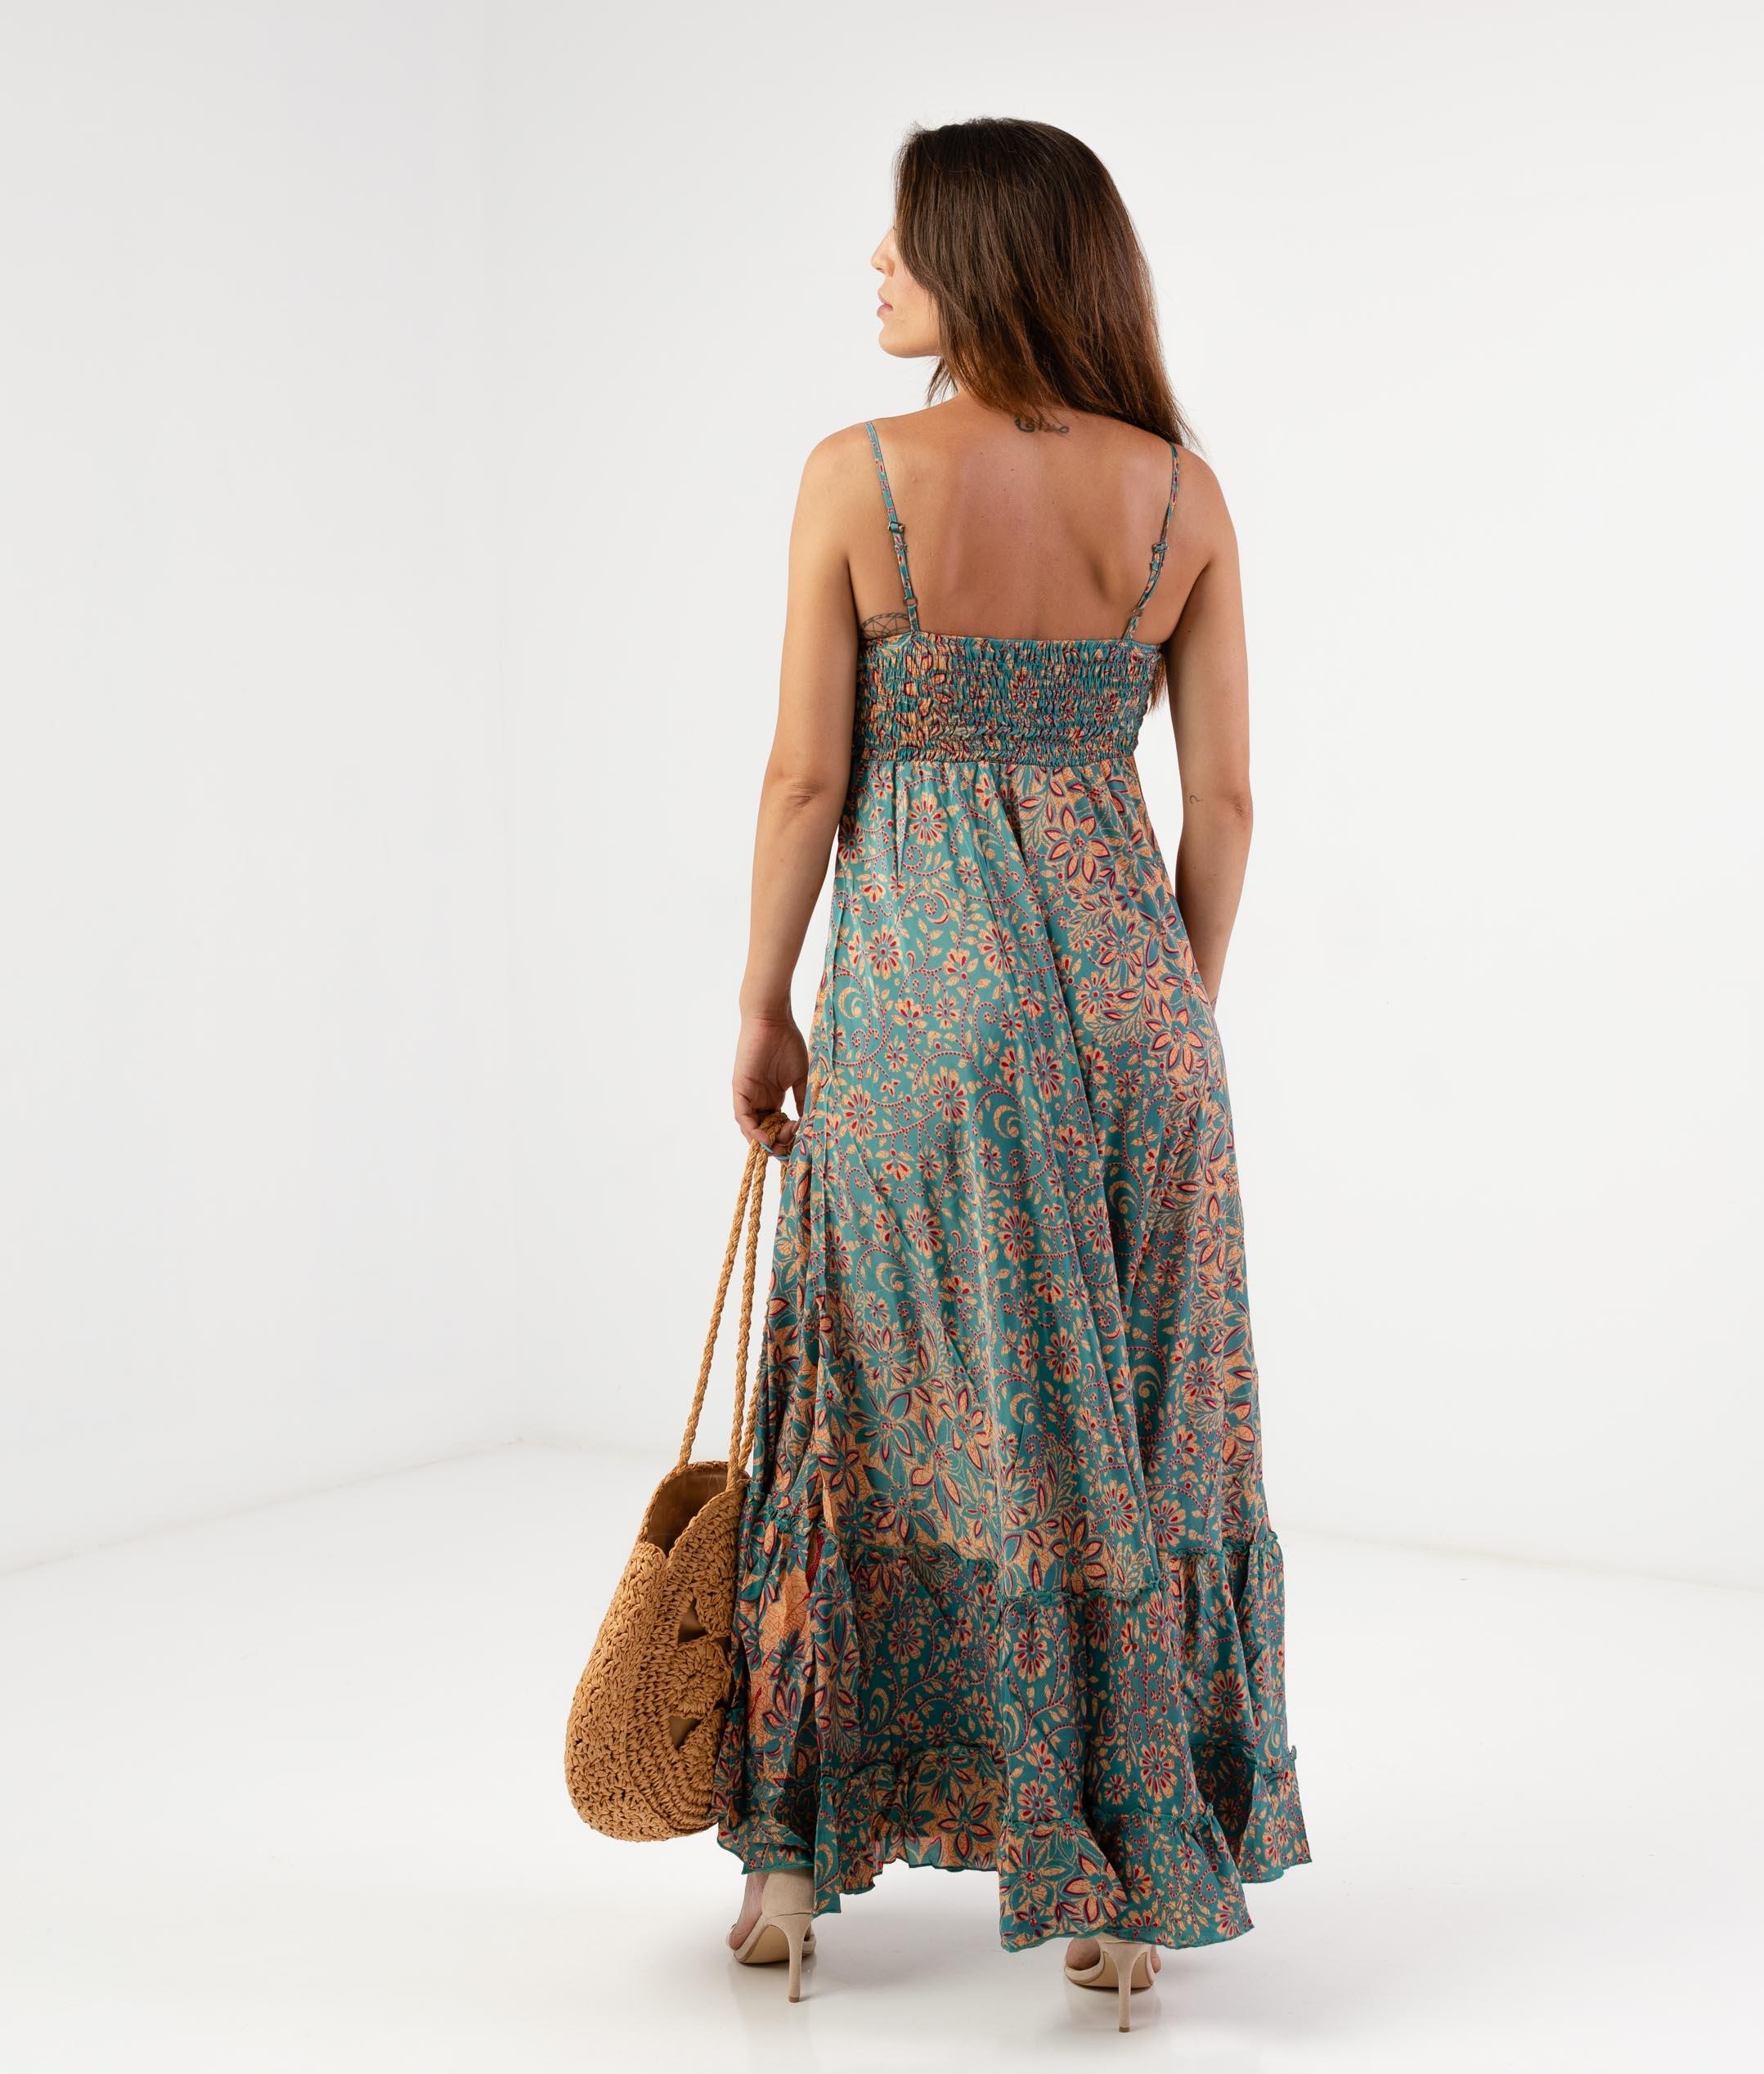 PIRASO DRESS - BLUE